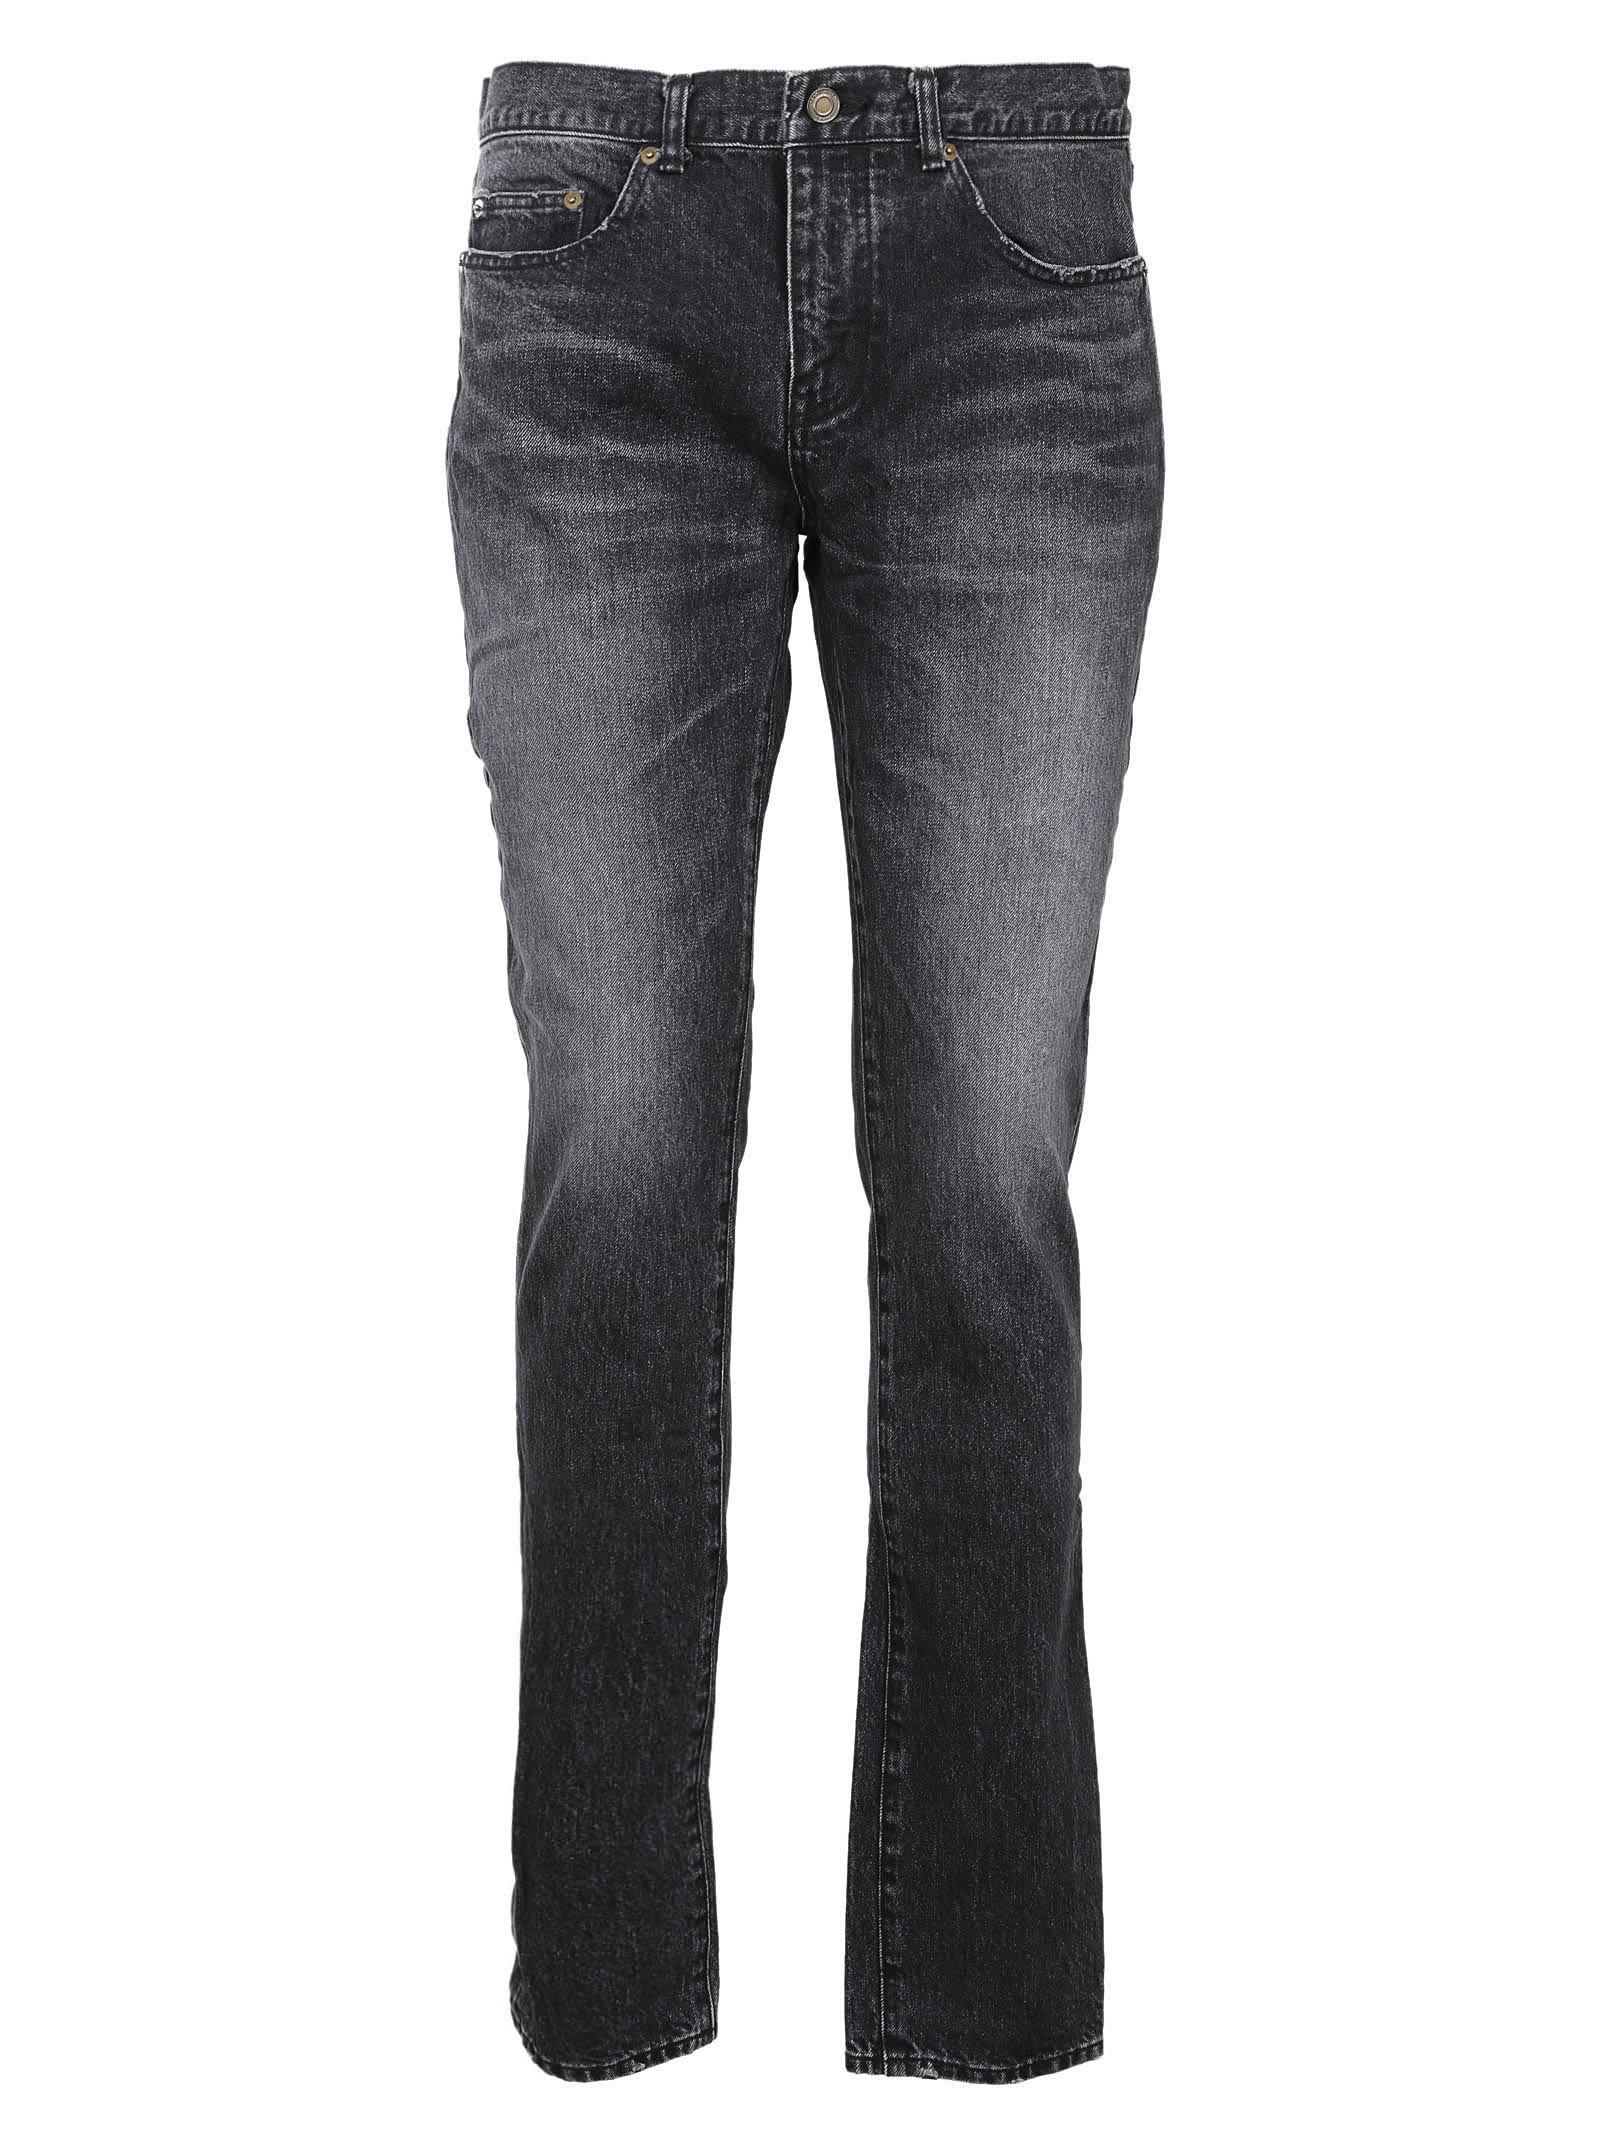 Saint Laurent Classic Jeans